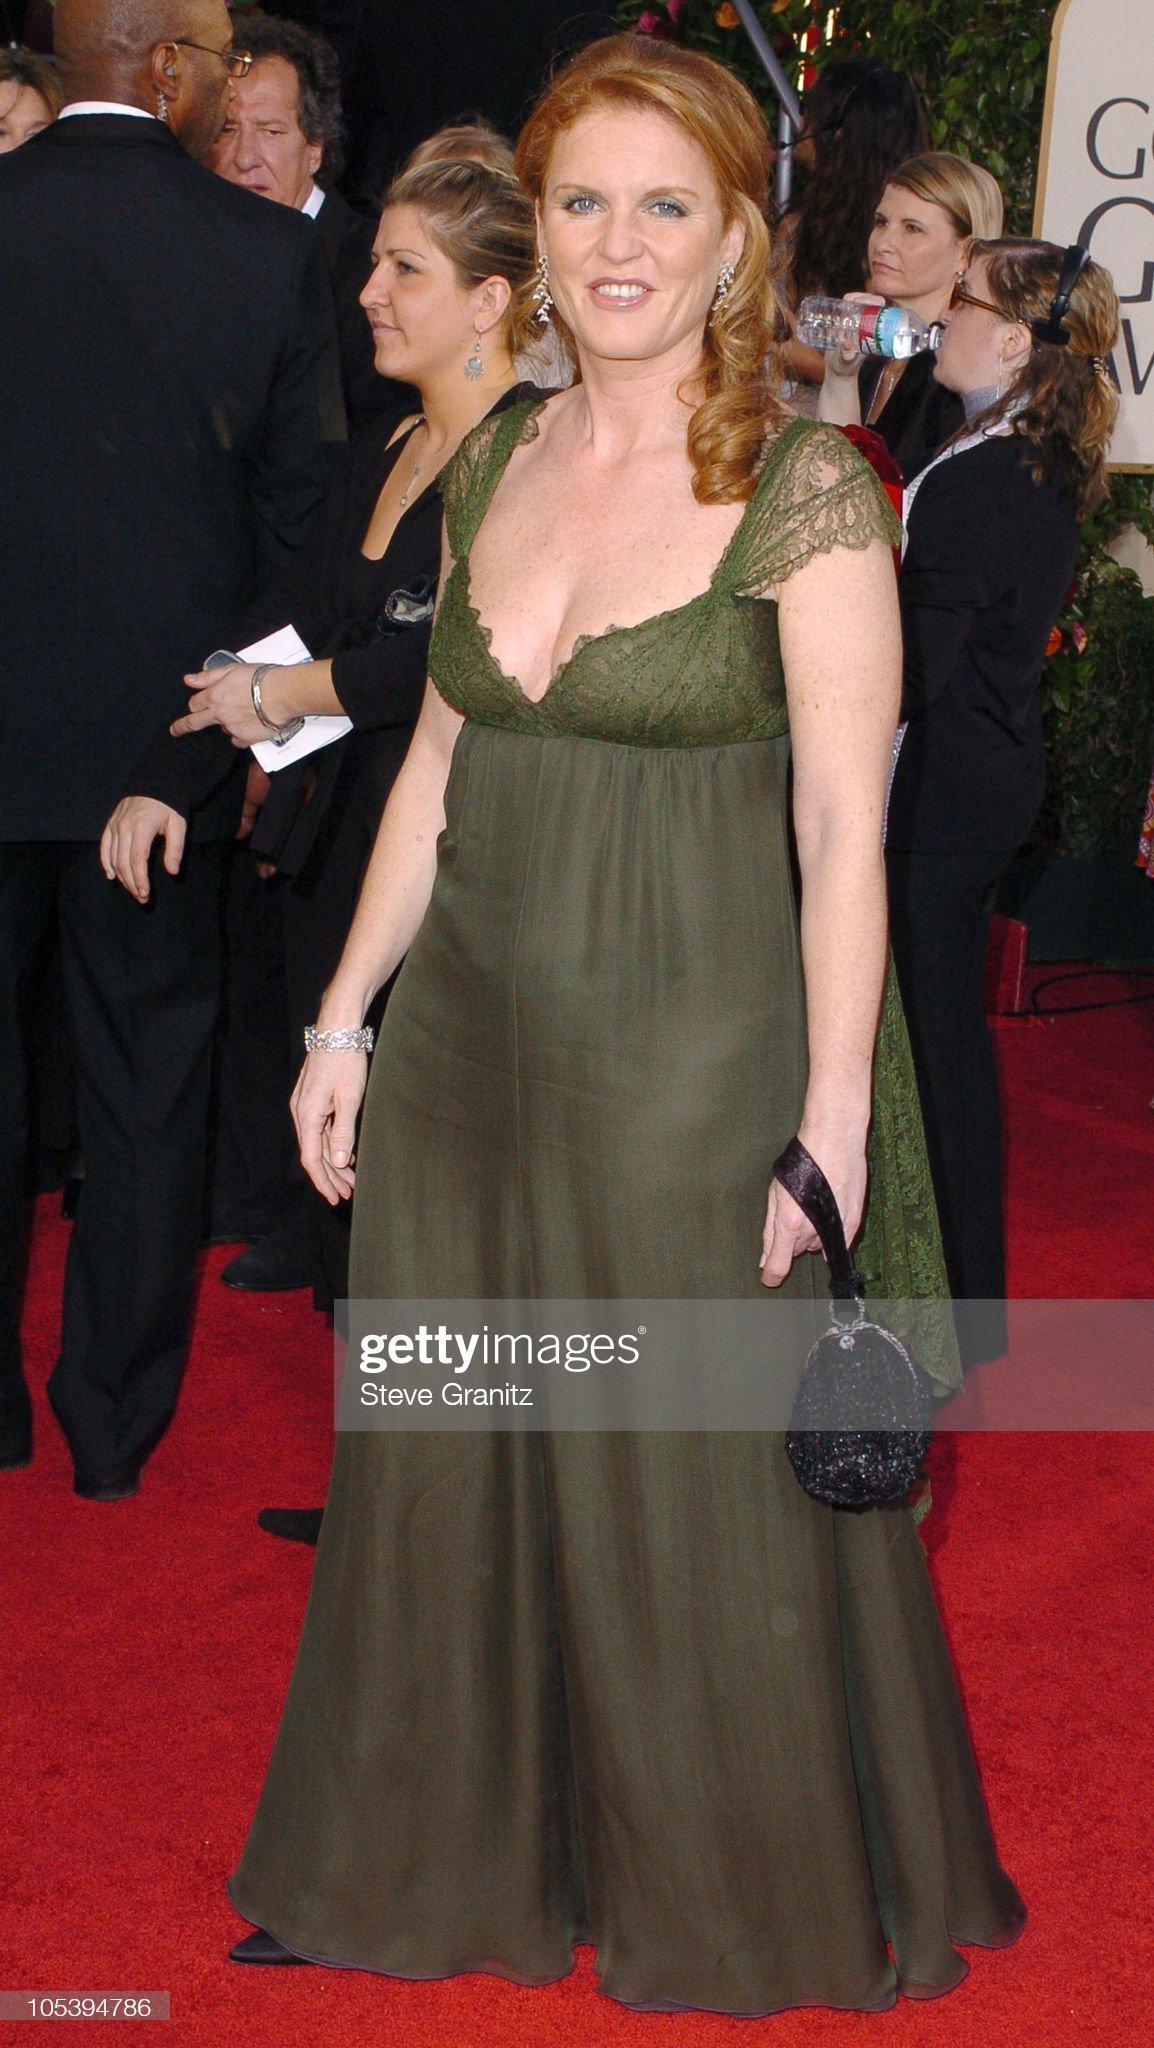 Вечерние наряды Отем пока еще Филлипс и Сары Йоркской The 62nd Annual Golden Globe Awards - Arrivals : News Photo